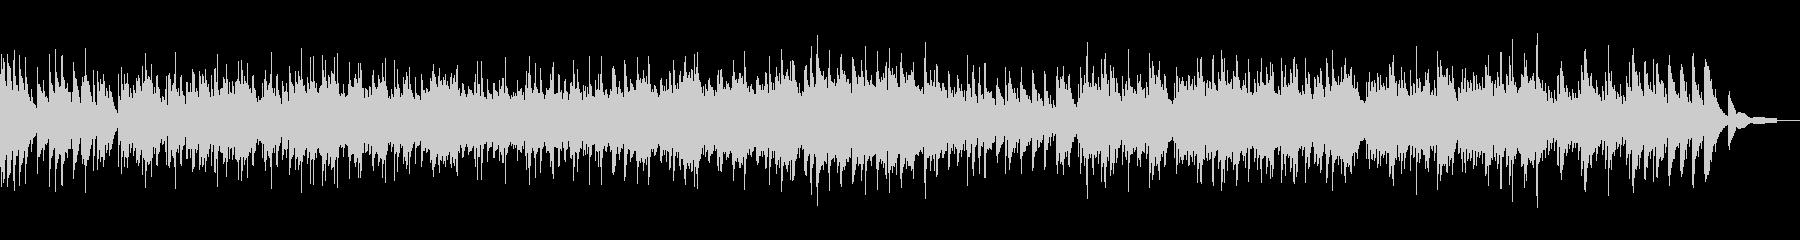 和風第九ベートーベンの琴カバーの未再生の波形